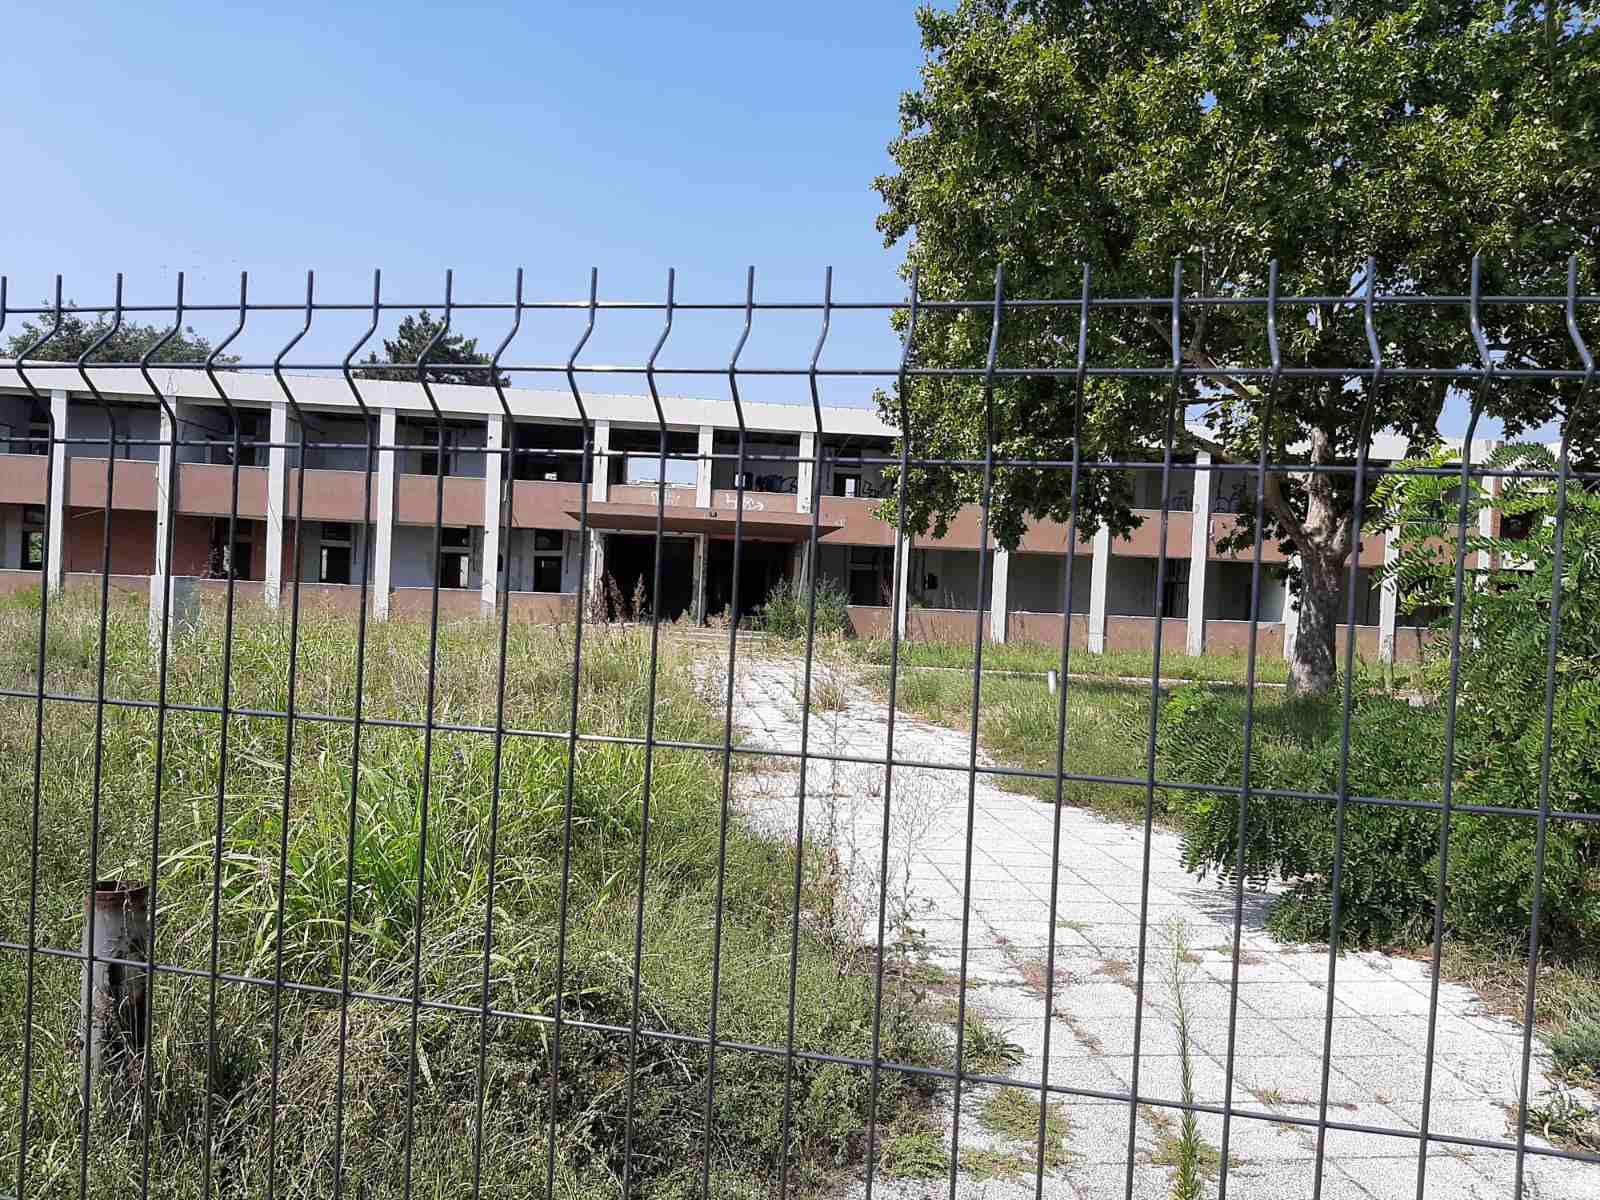 Двери Нови Сад: Да ли смо све морали да продамо и упропастимо – нешто мора да остане и под контролом државе